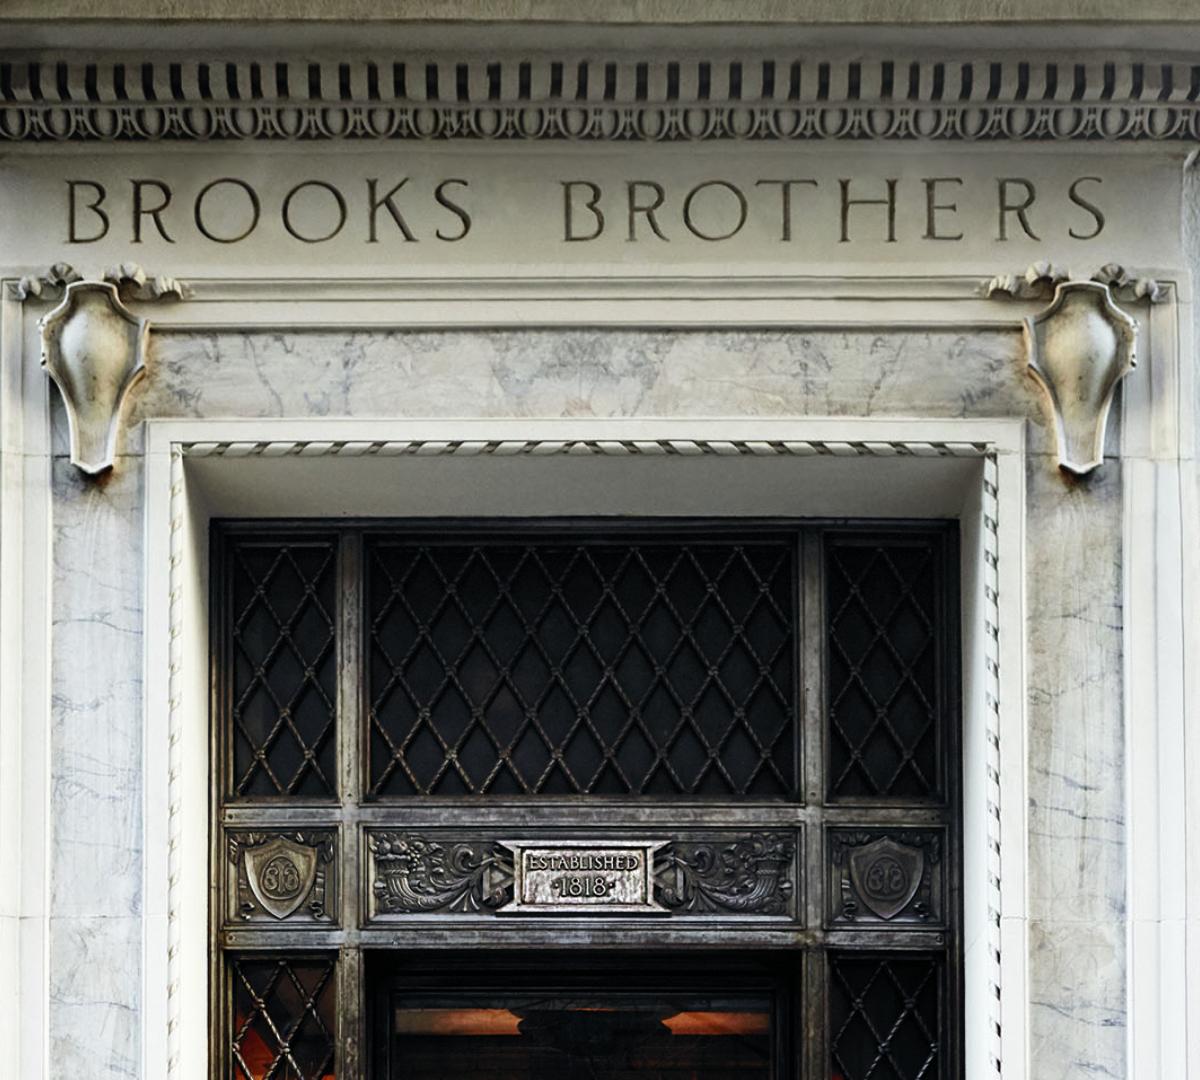 破綻の米「ブルックス ブラザーズ」競売へ 日本を含む国外事業は継続 ...